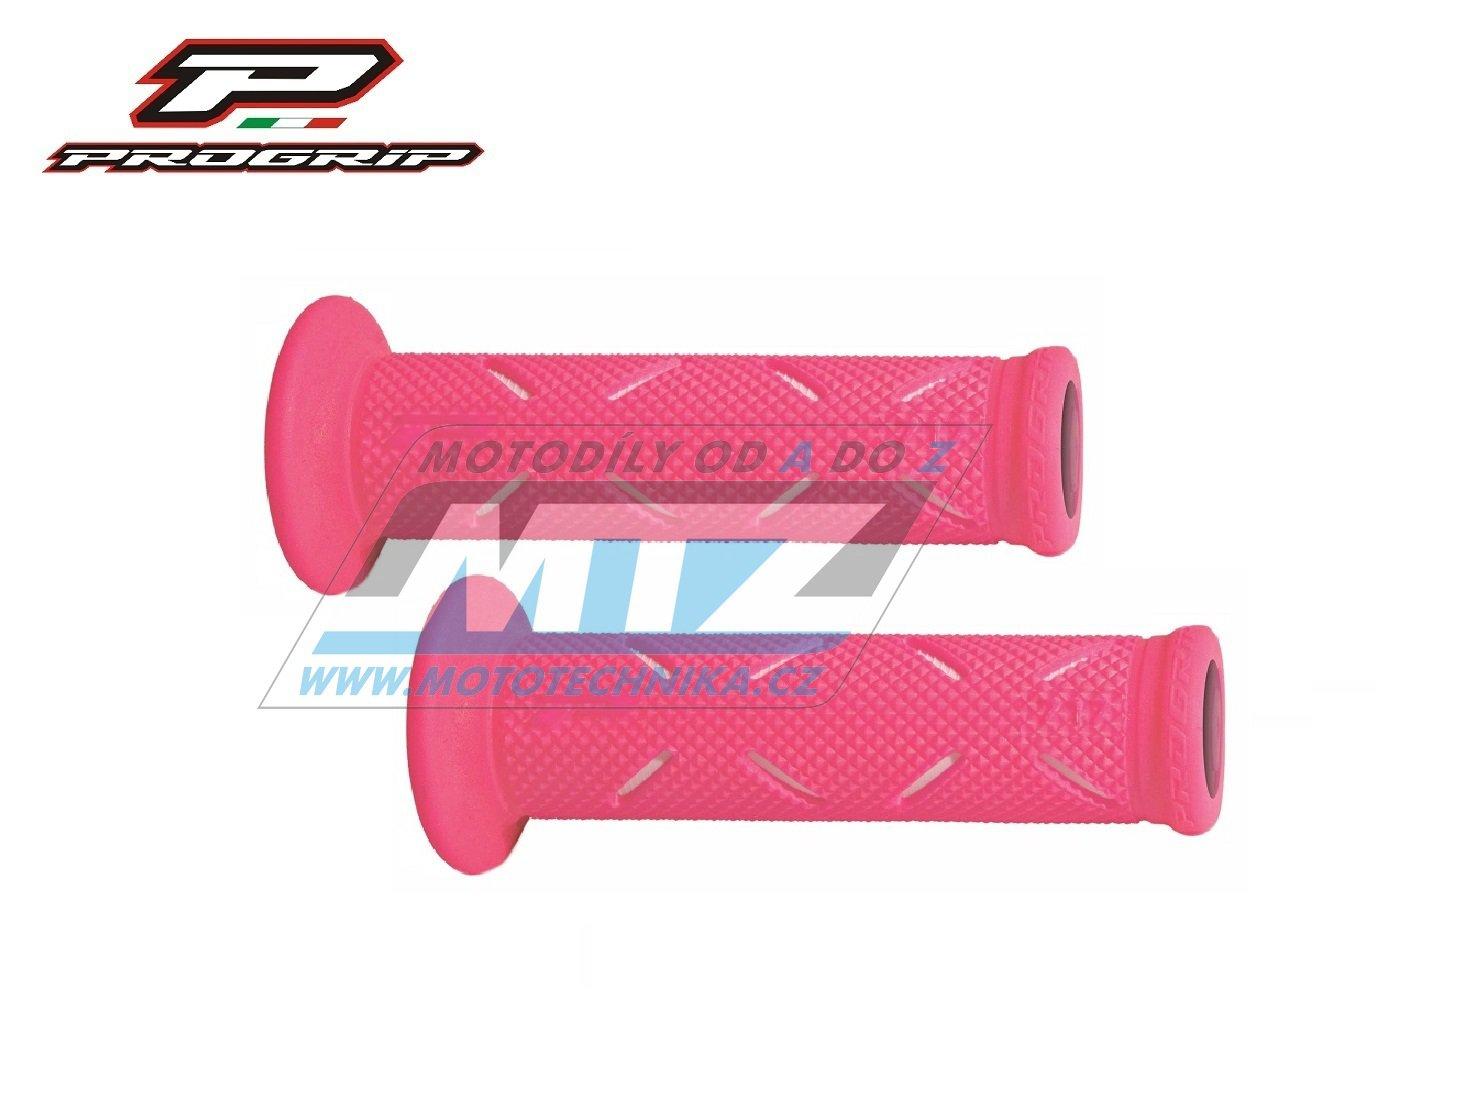 Rukojeti/Gripy Progrip 717 - FLUO růžové